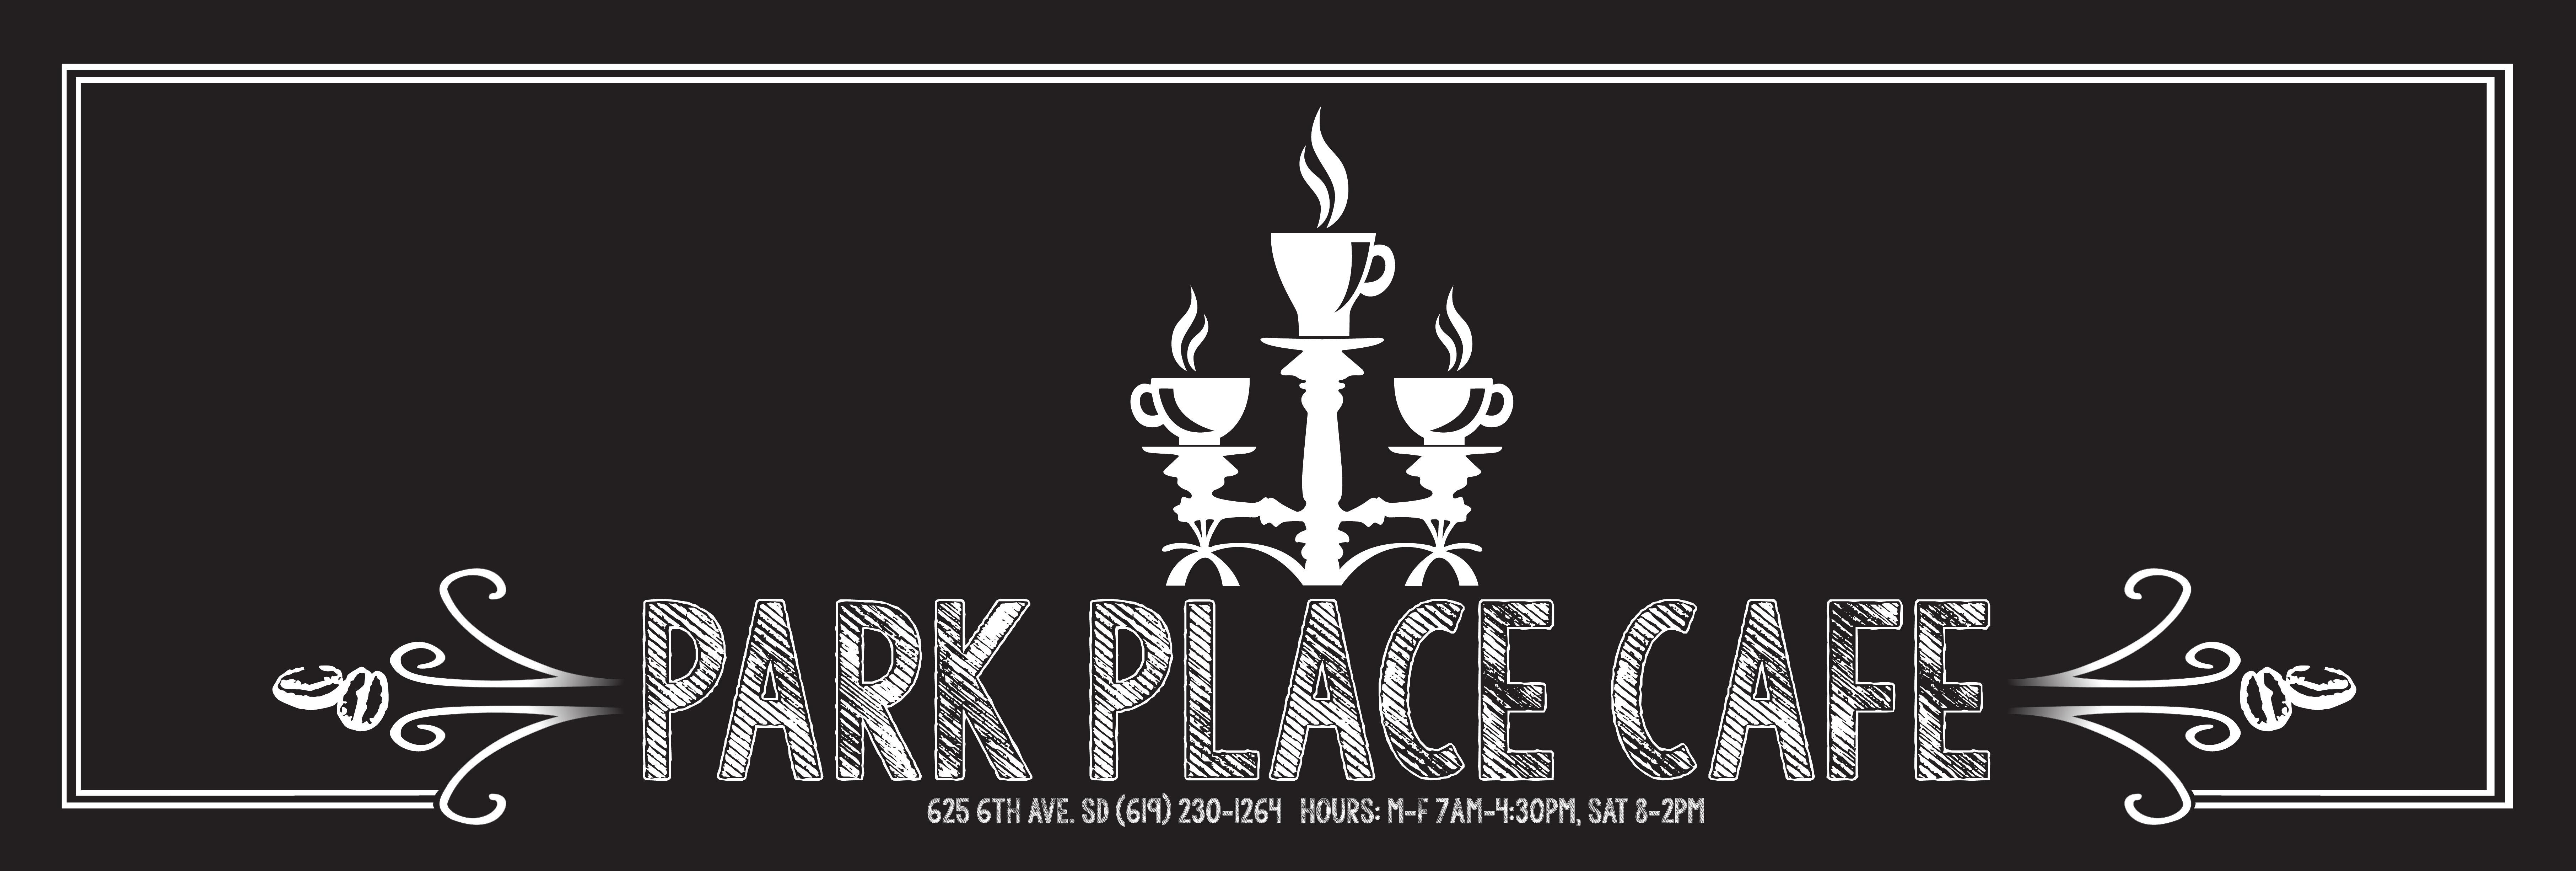 Park-Place-Cafe gaslamp san diego